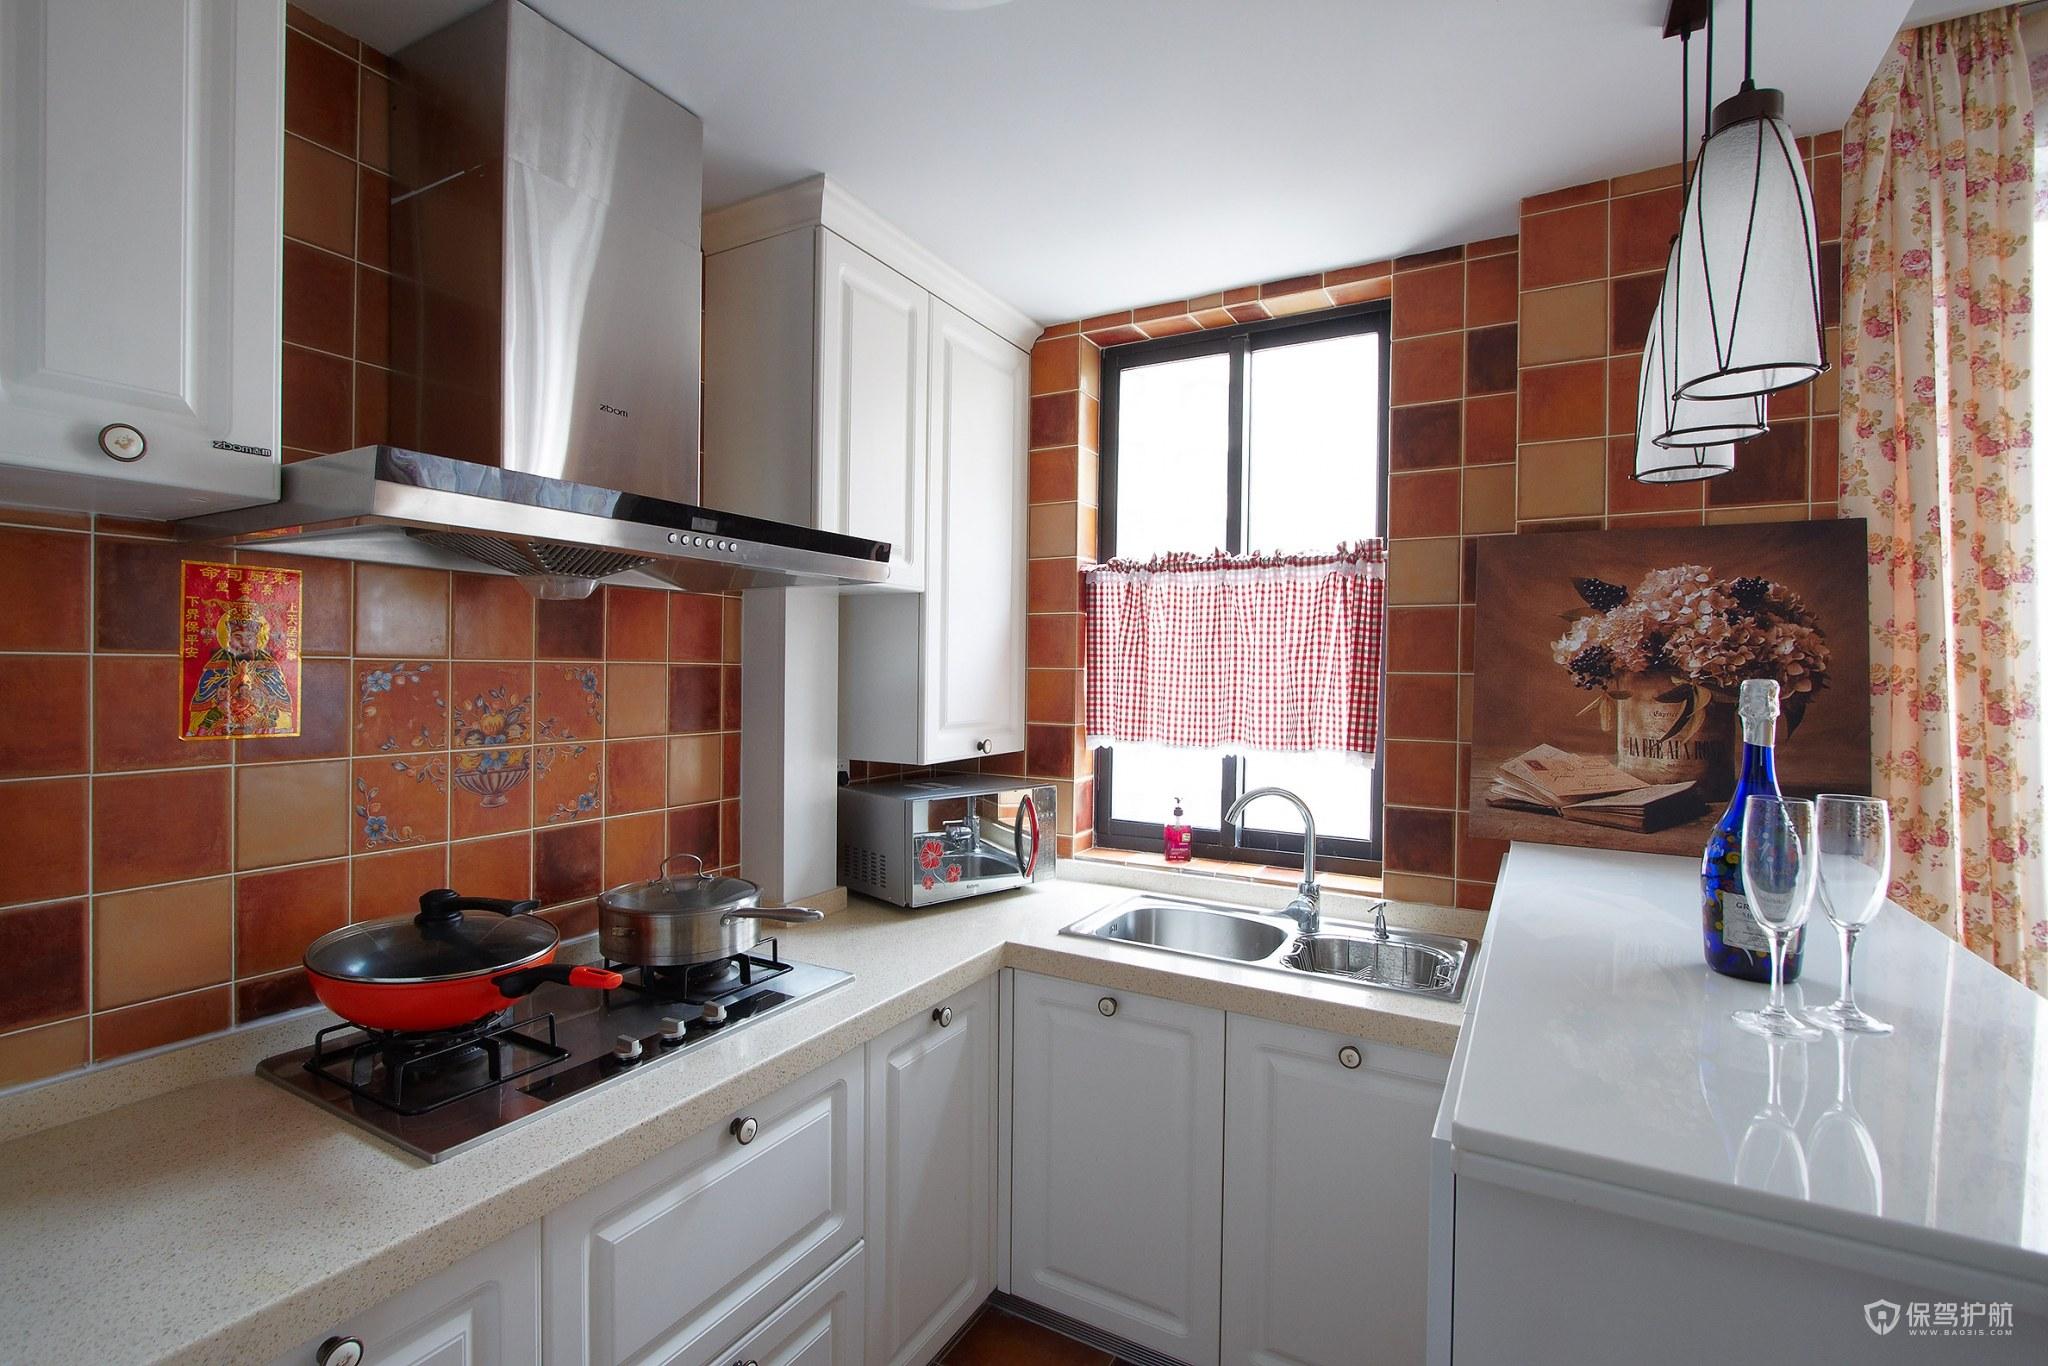 90平美式田园风二居室厨房装修效果图…